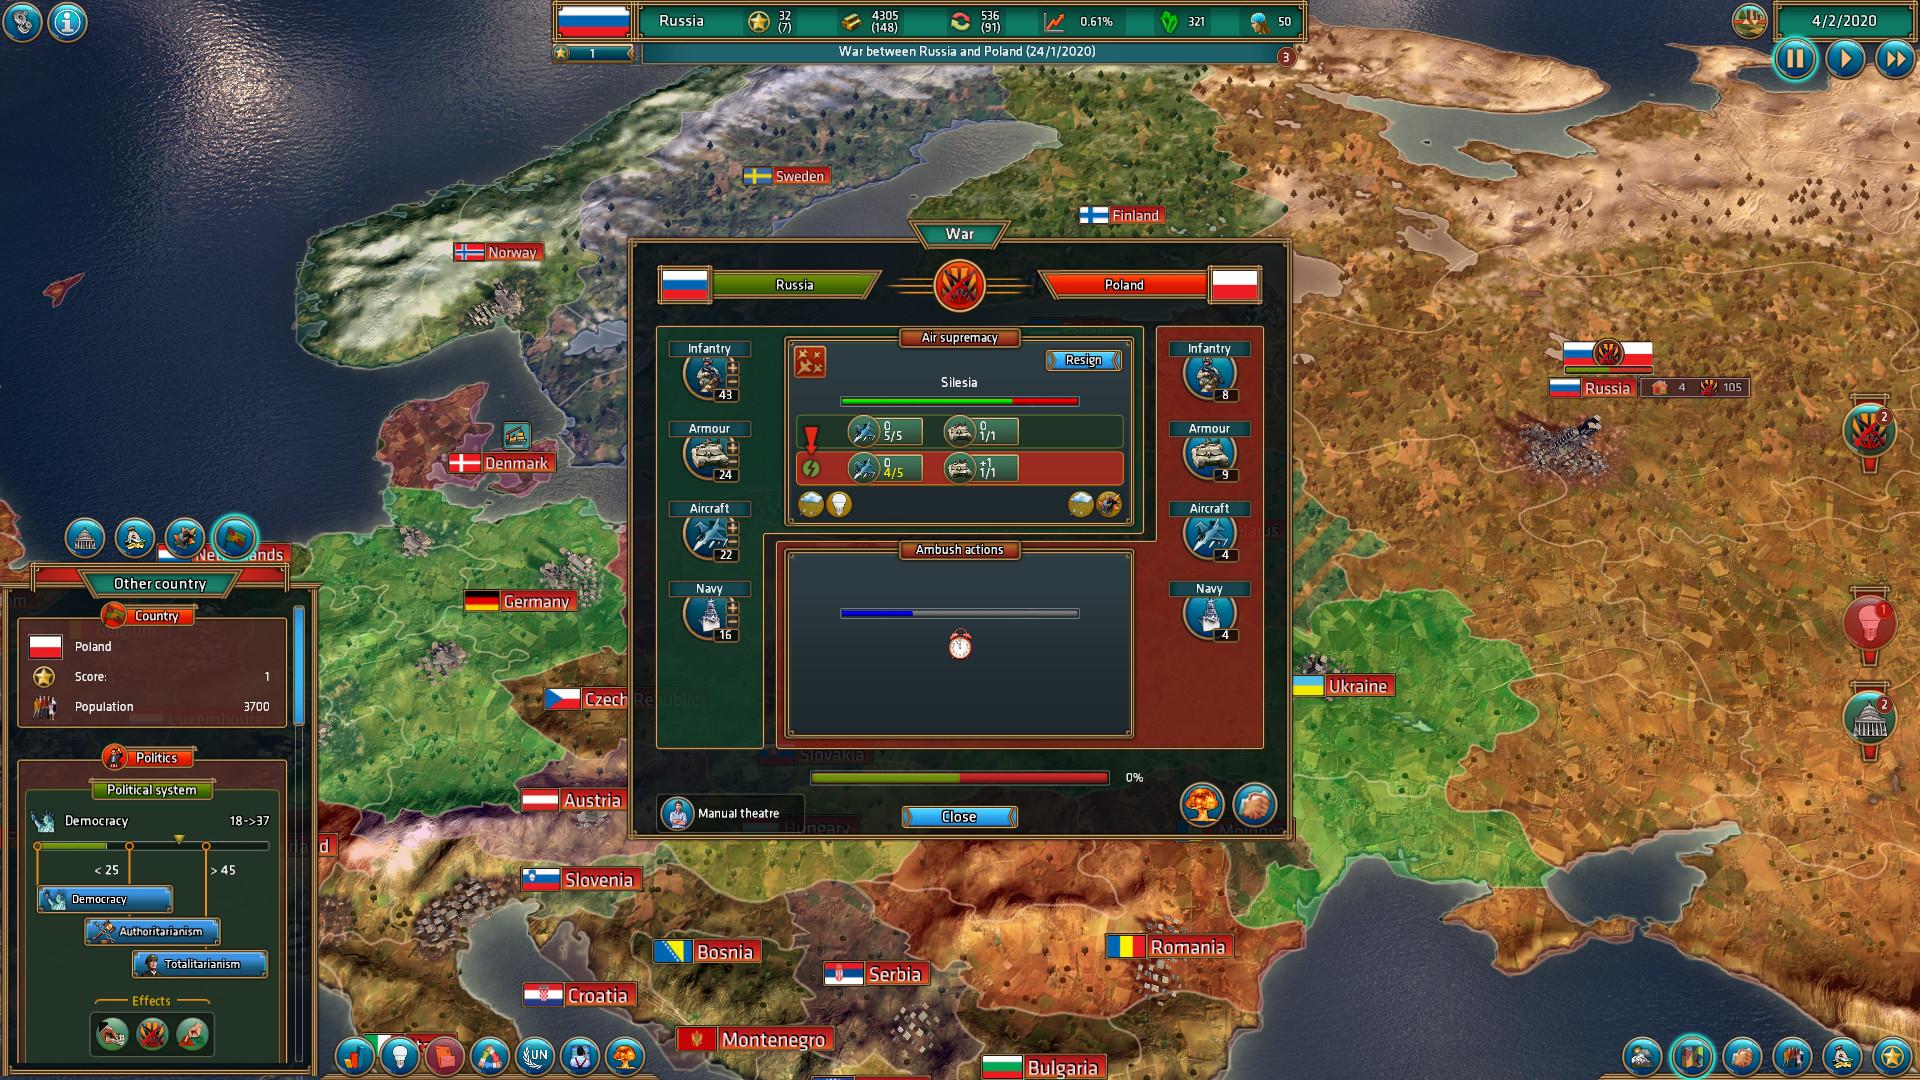 Realpolitiks v1.6.3 torrent download